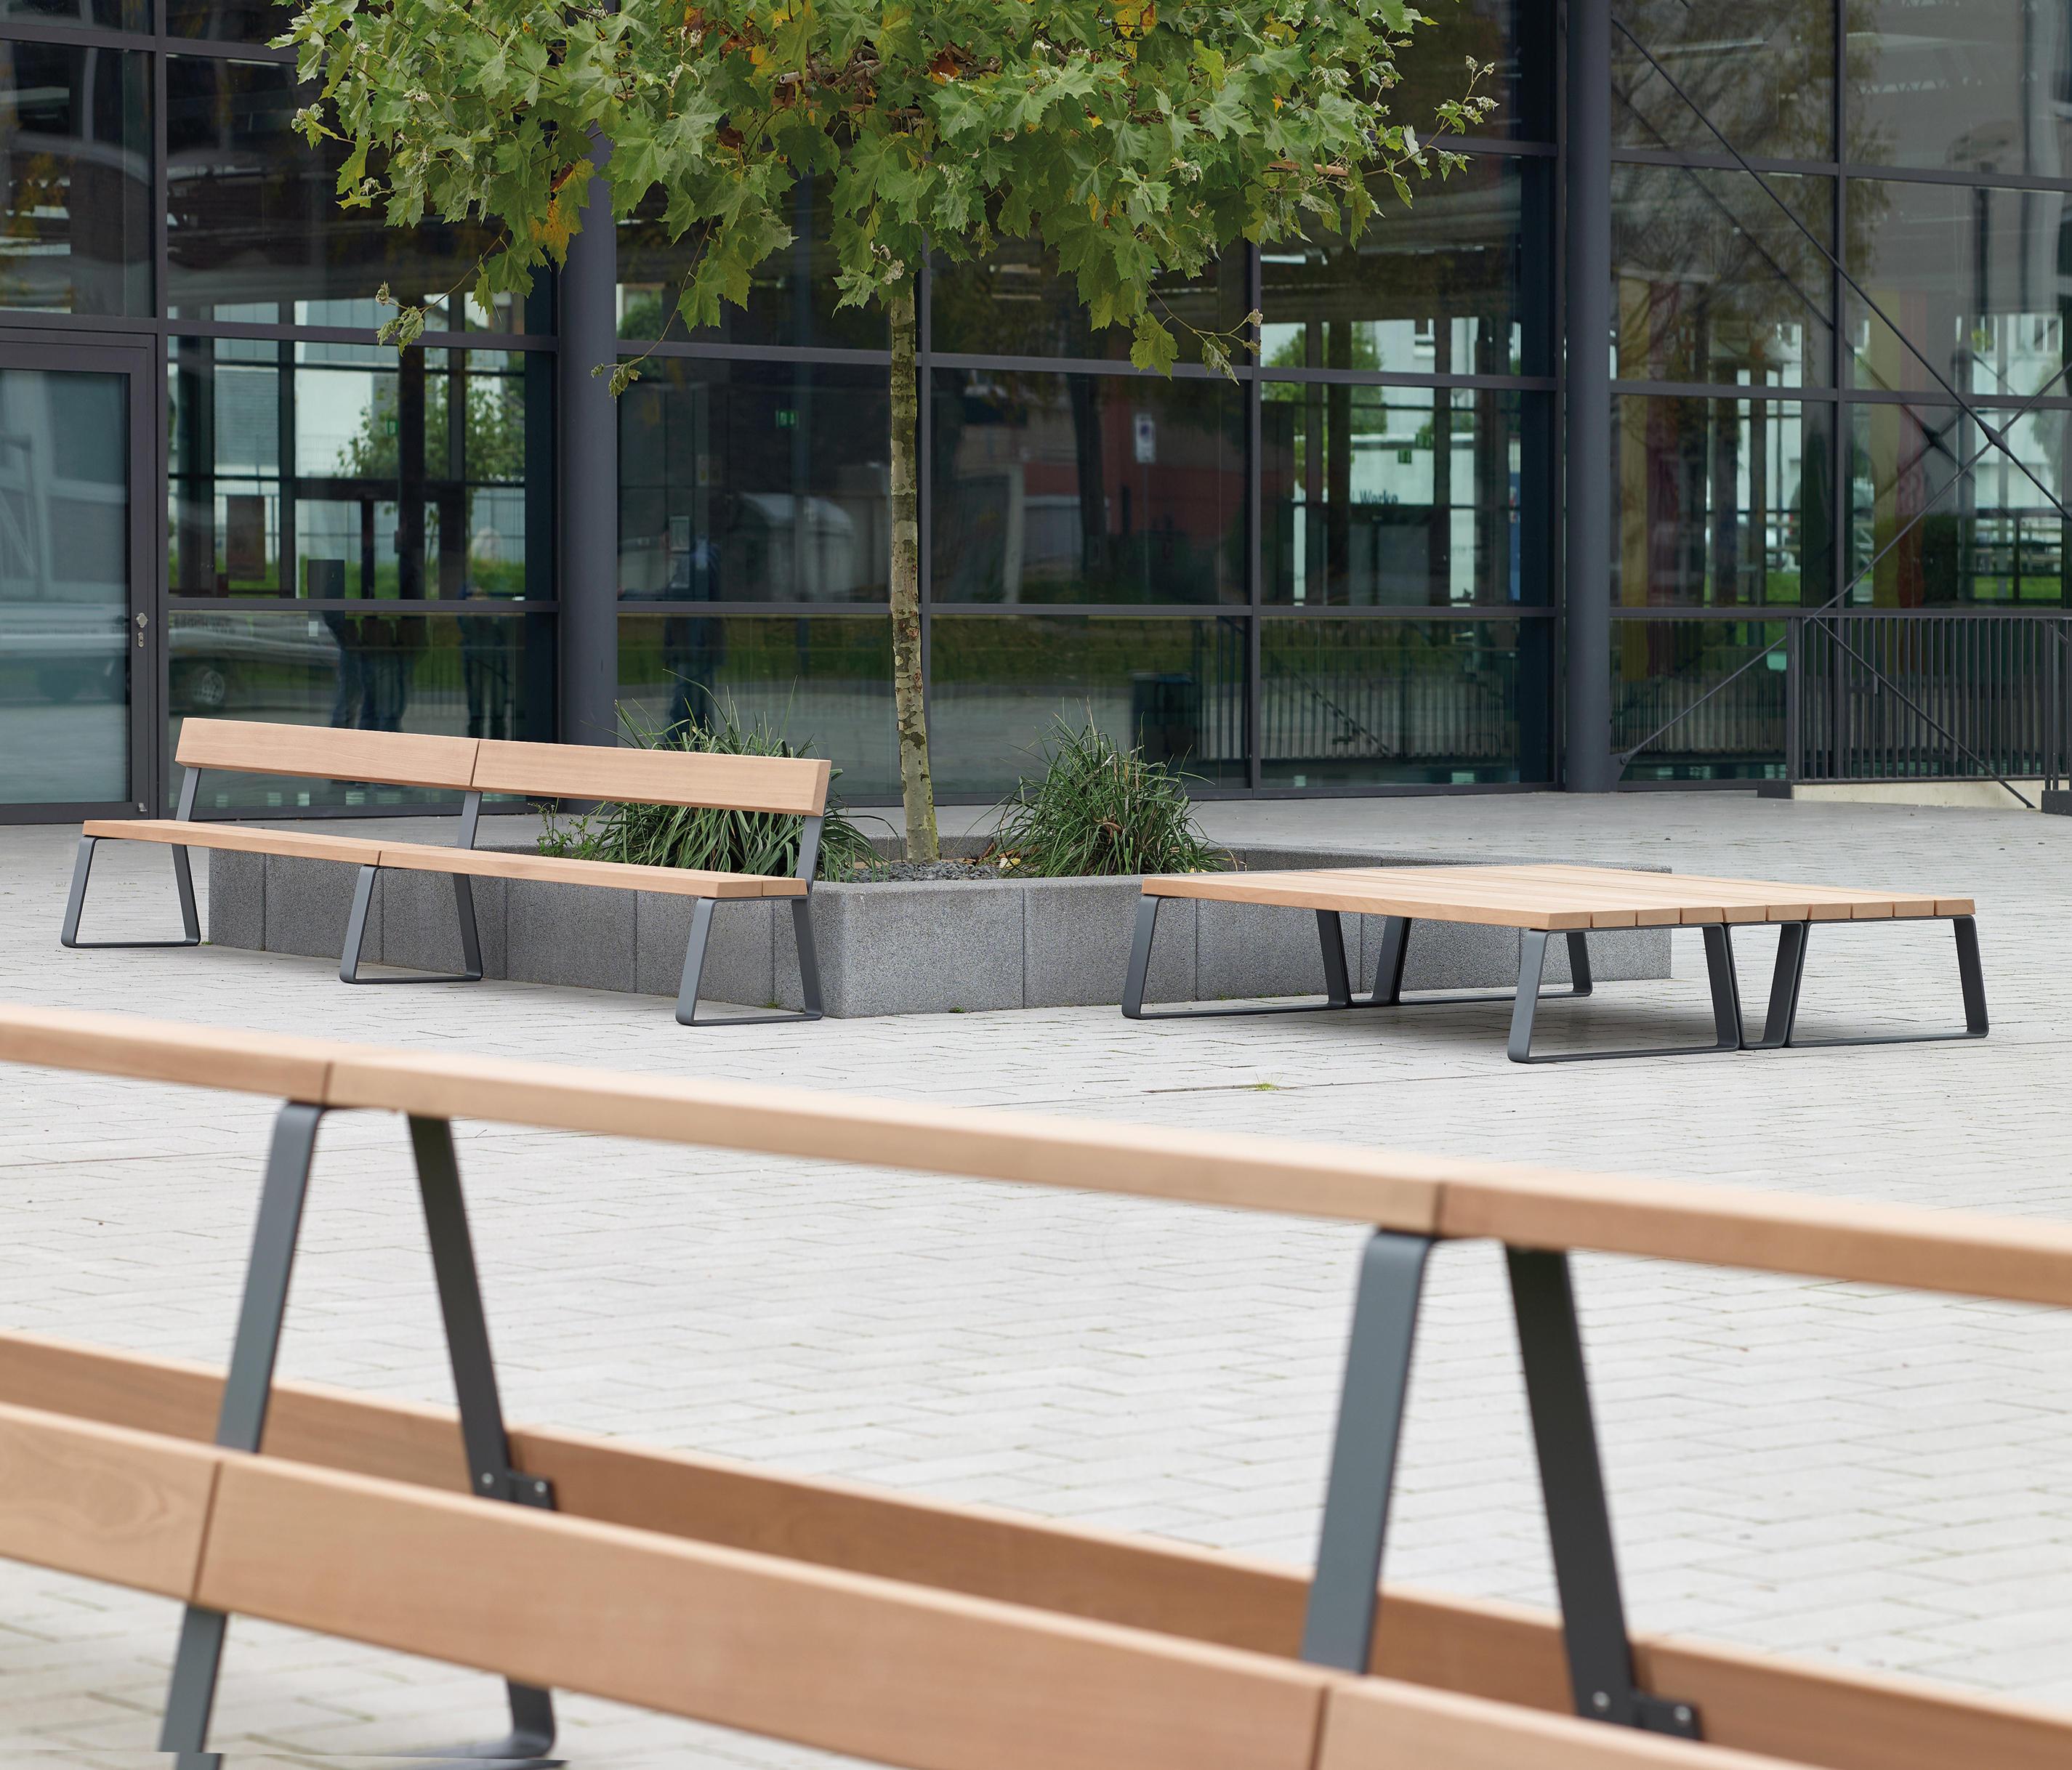 Campus Levis Bench By Westeifel Werke · Campus Levis Bench By Westeifel  Werke